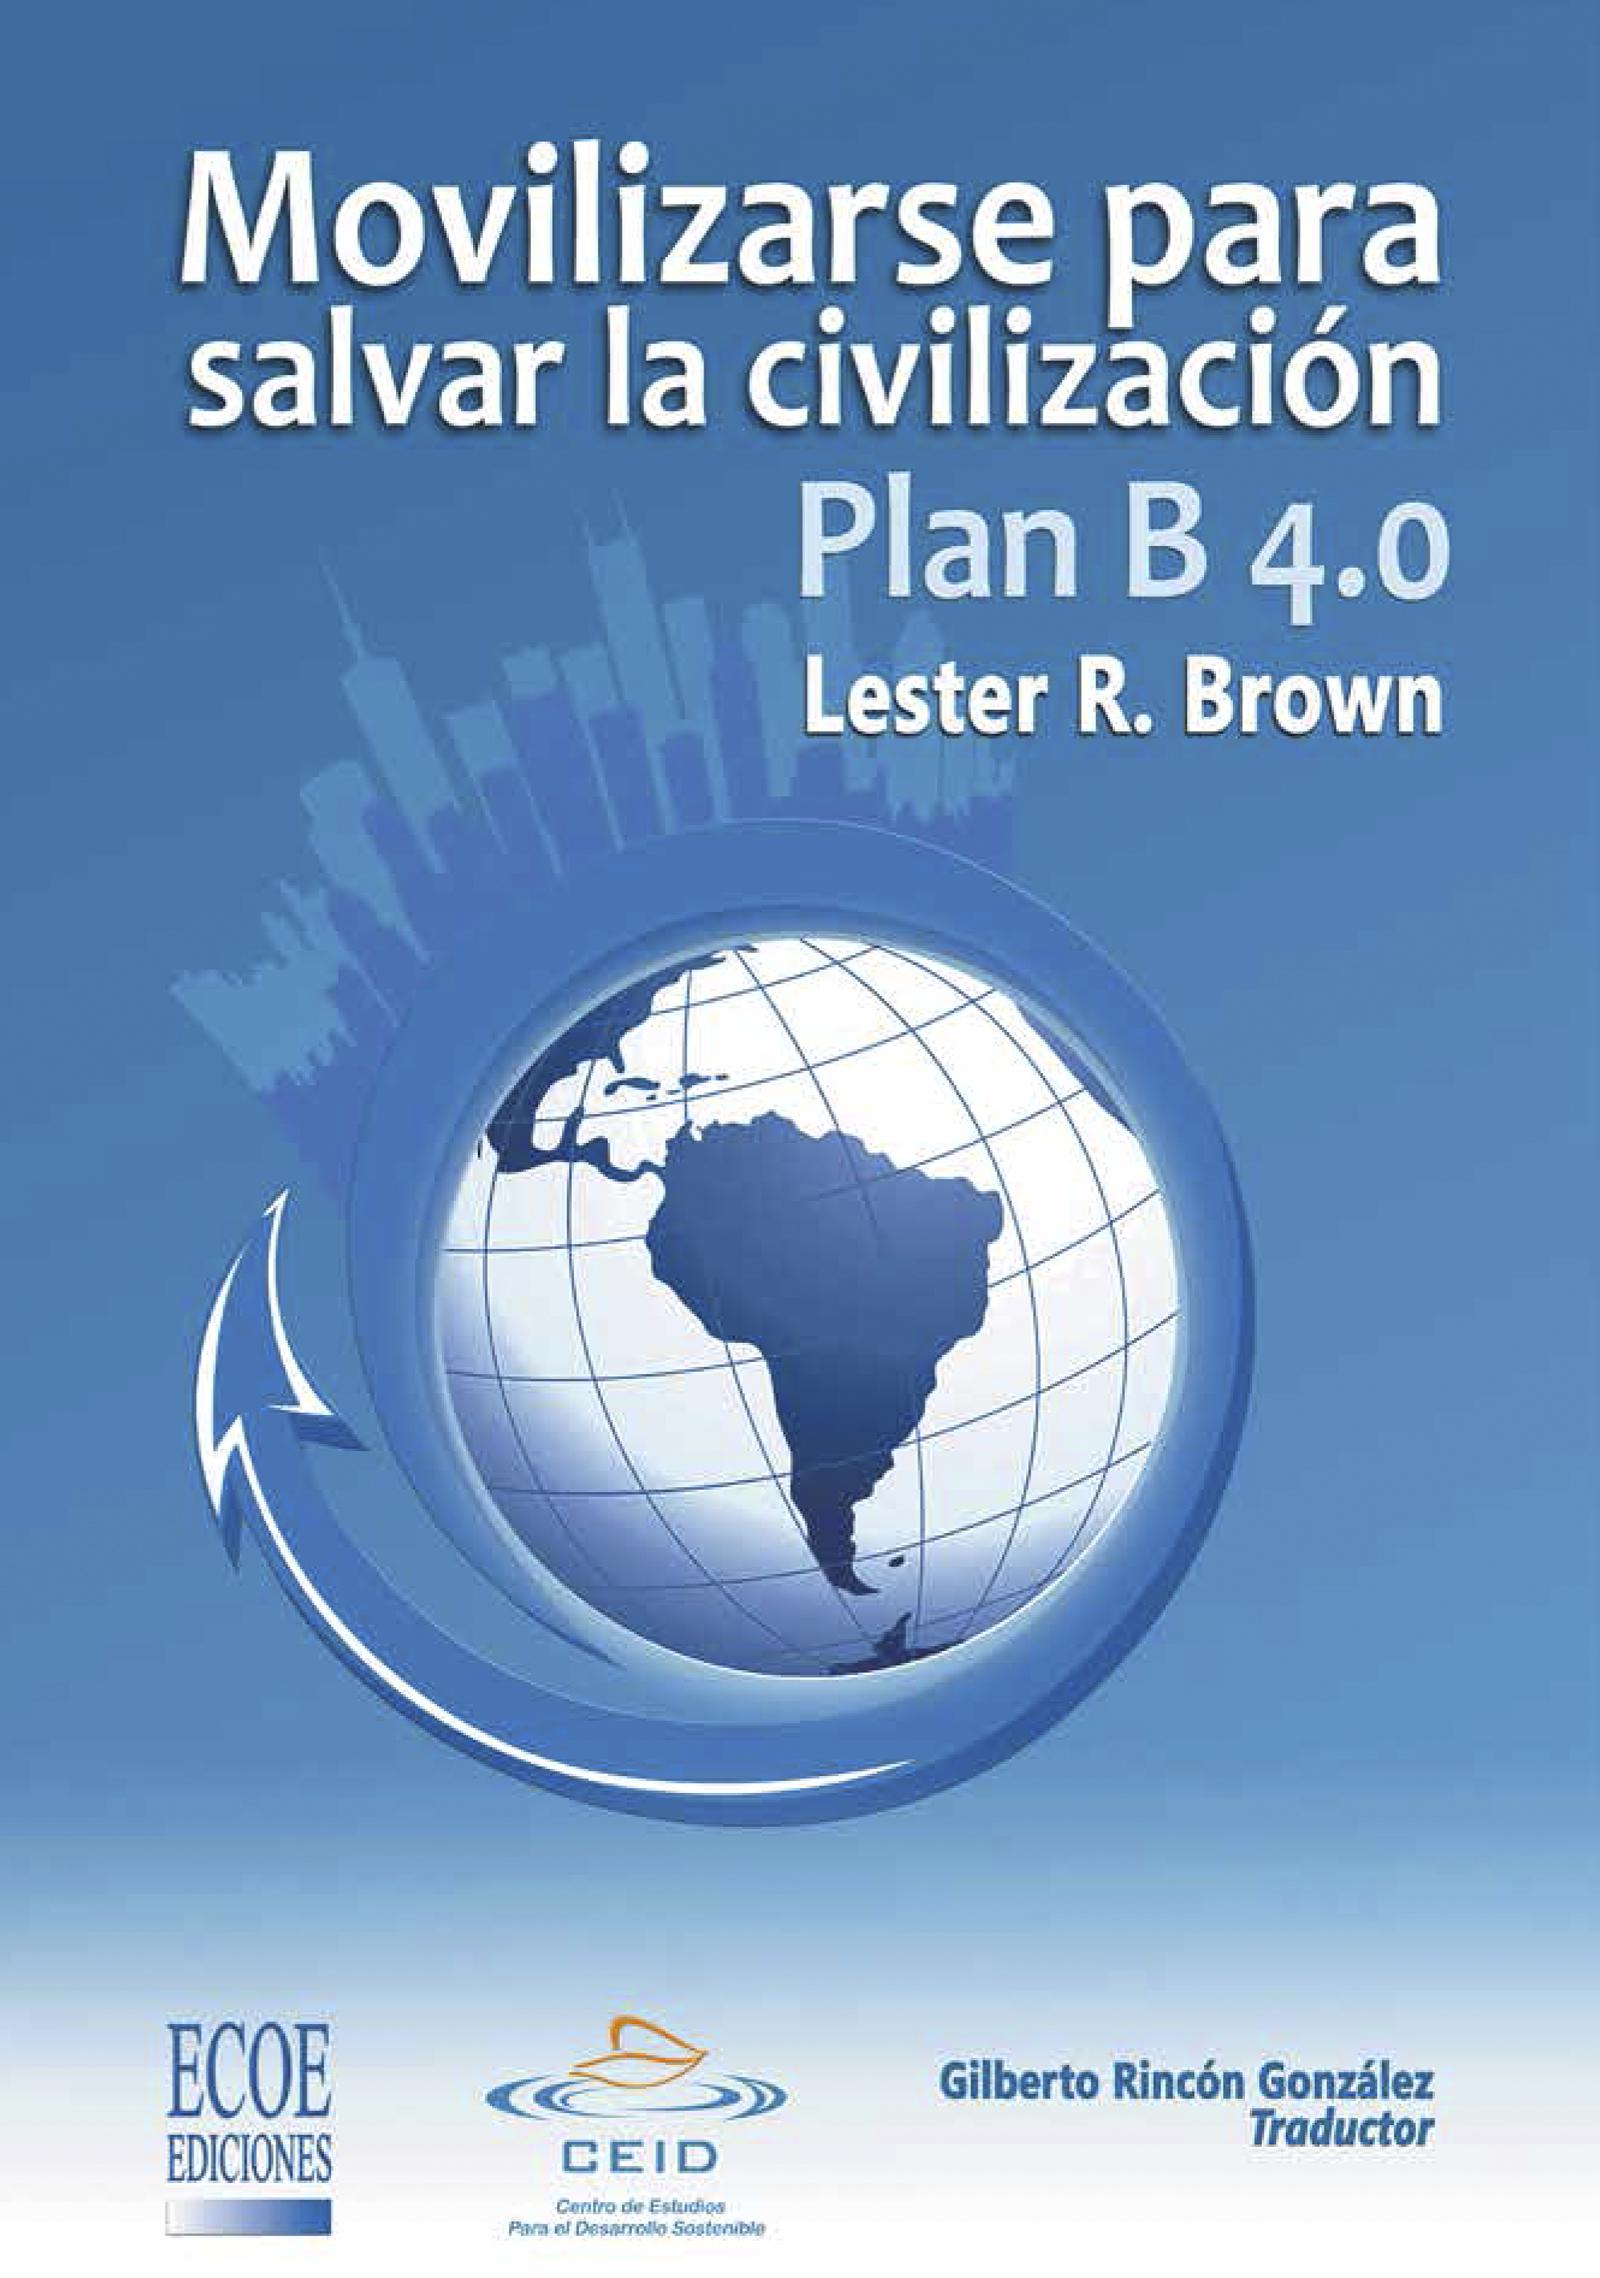 Plan B 4.0 Movilizarse para salvar la civilizacion, Ensayo económico y social